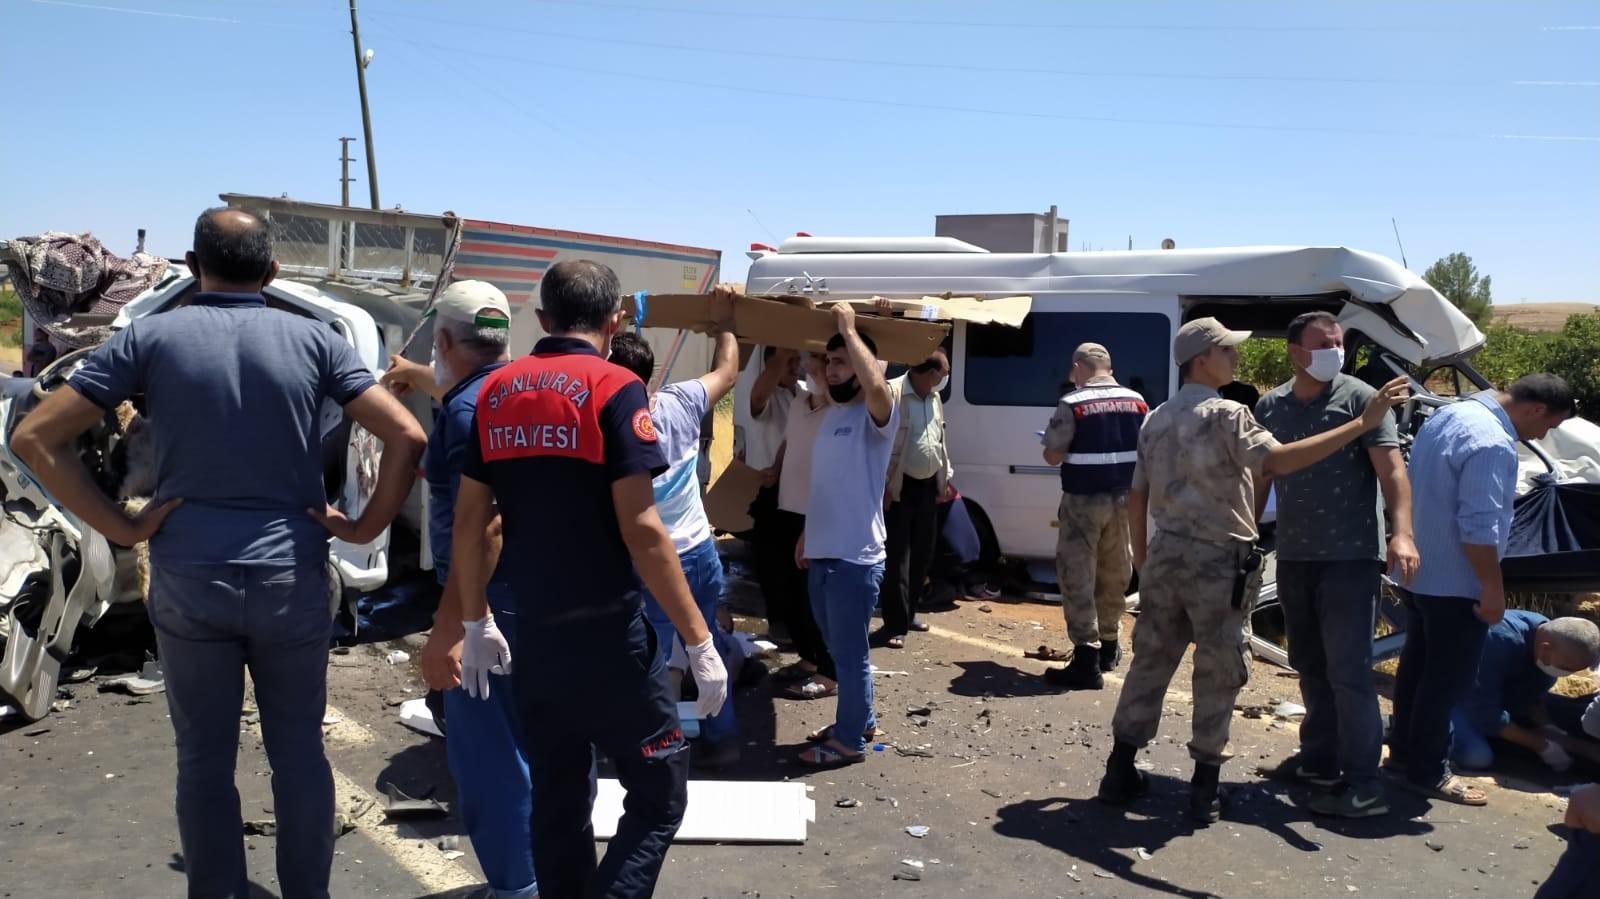 Şanlıurfa'da bayram ziyareti dönüşü korkunç kaza! 15 yaralı